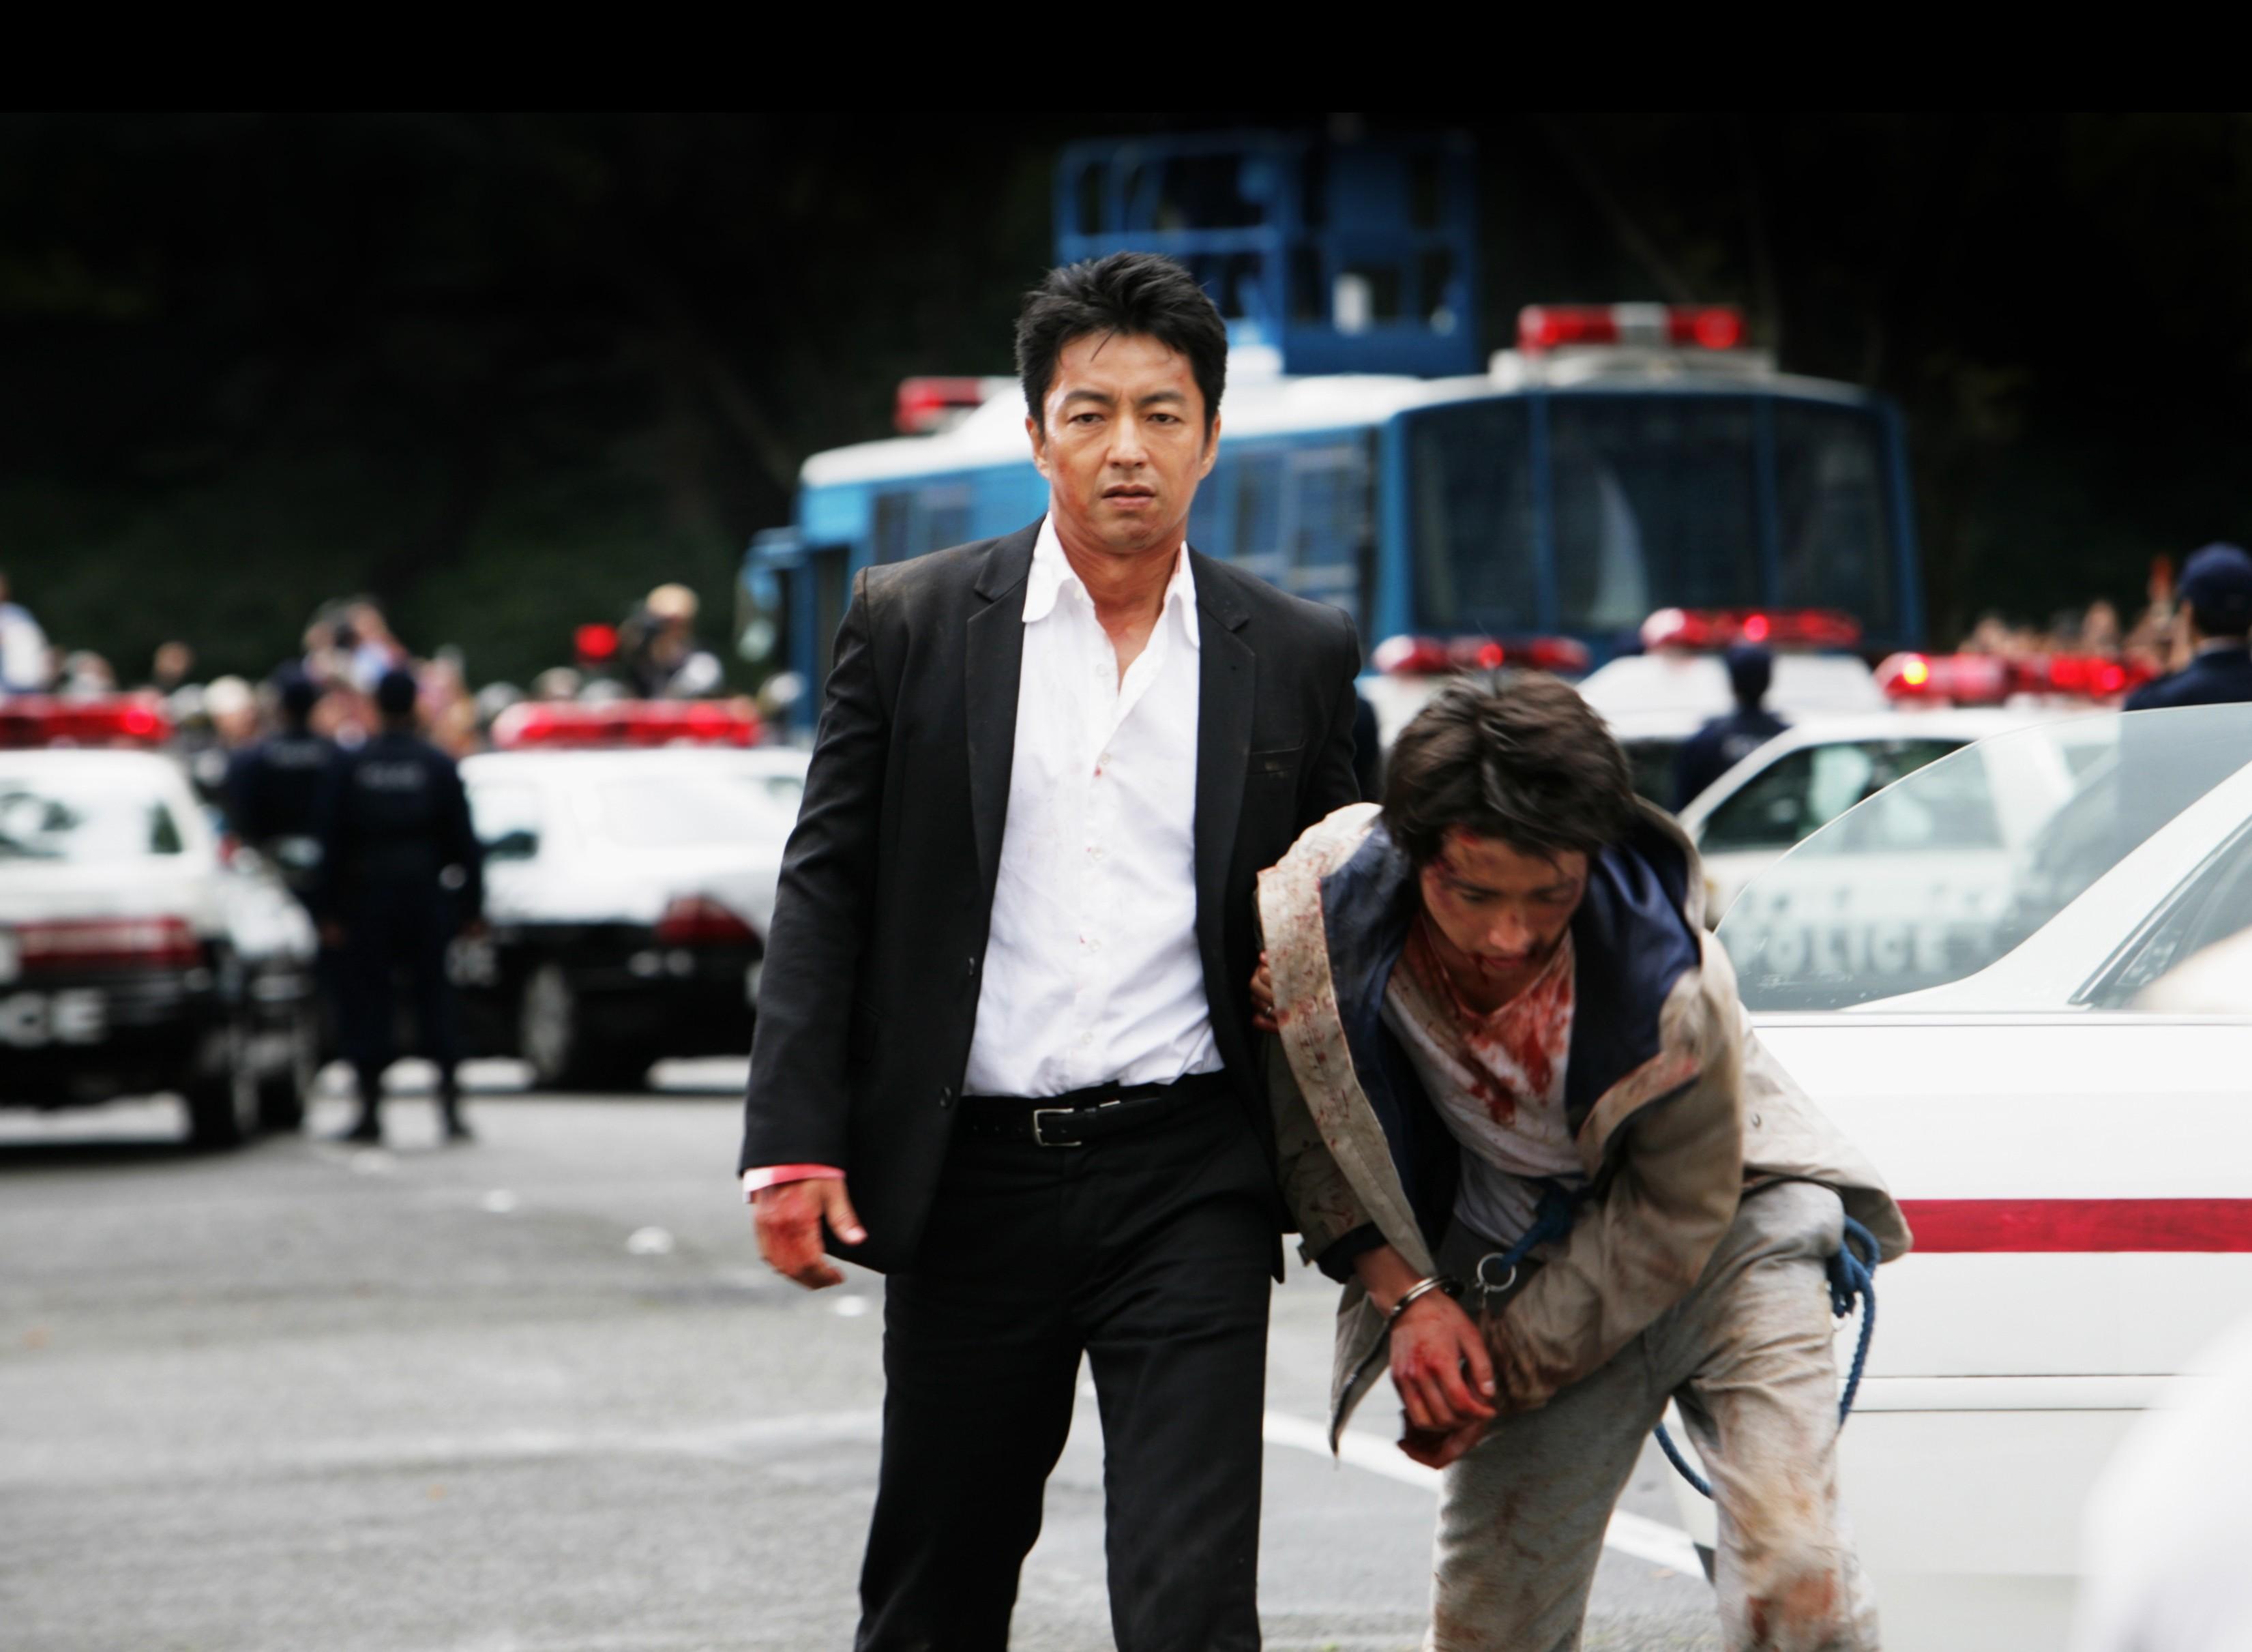 Takao Oshawas sammanbitne snut och Tatsuya Fujiwaras otäcke pedofil